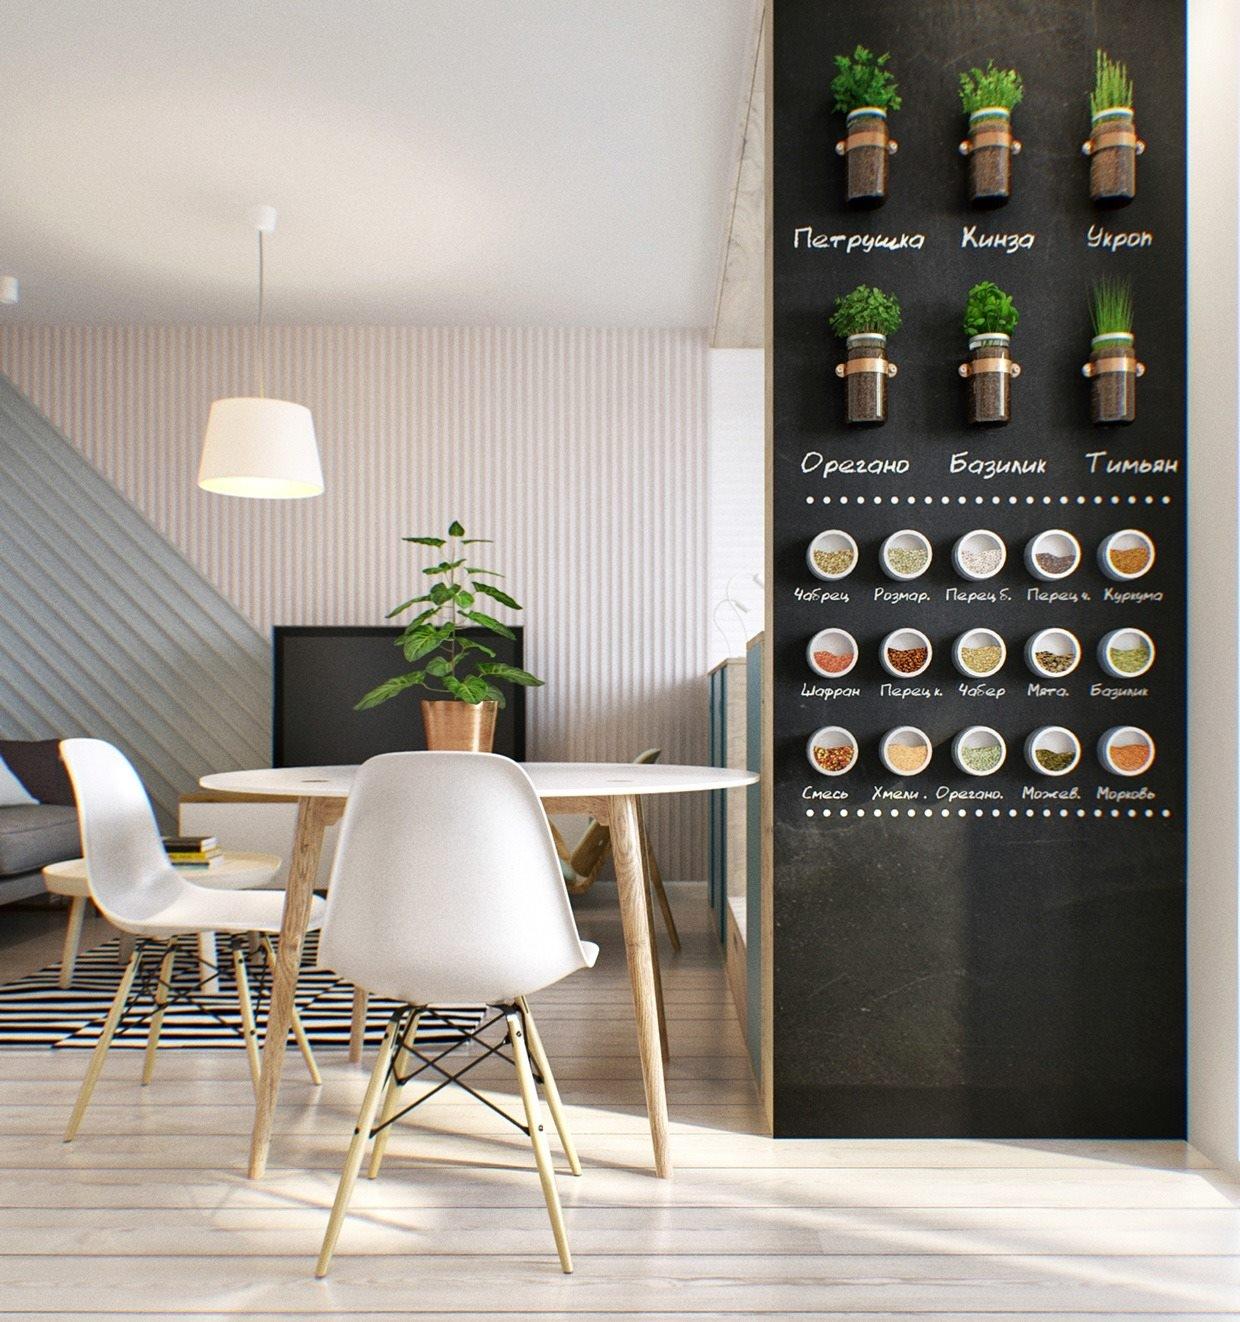 Vernice lavagna trasforma le pareti e non solo - Lavagna magnetica da cucina ...